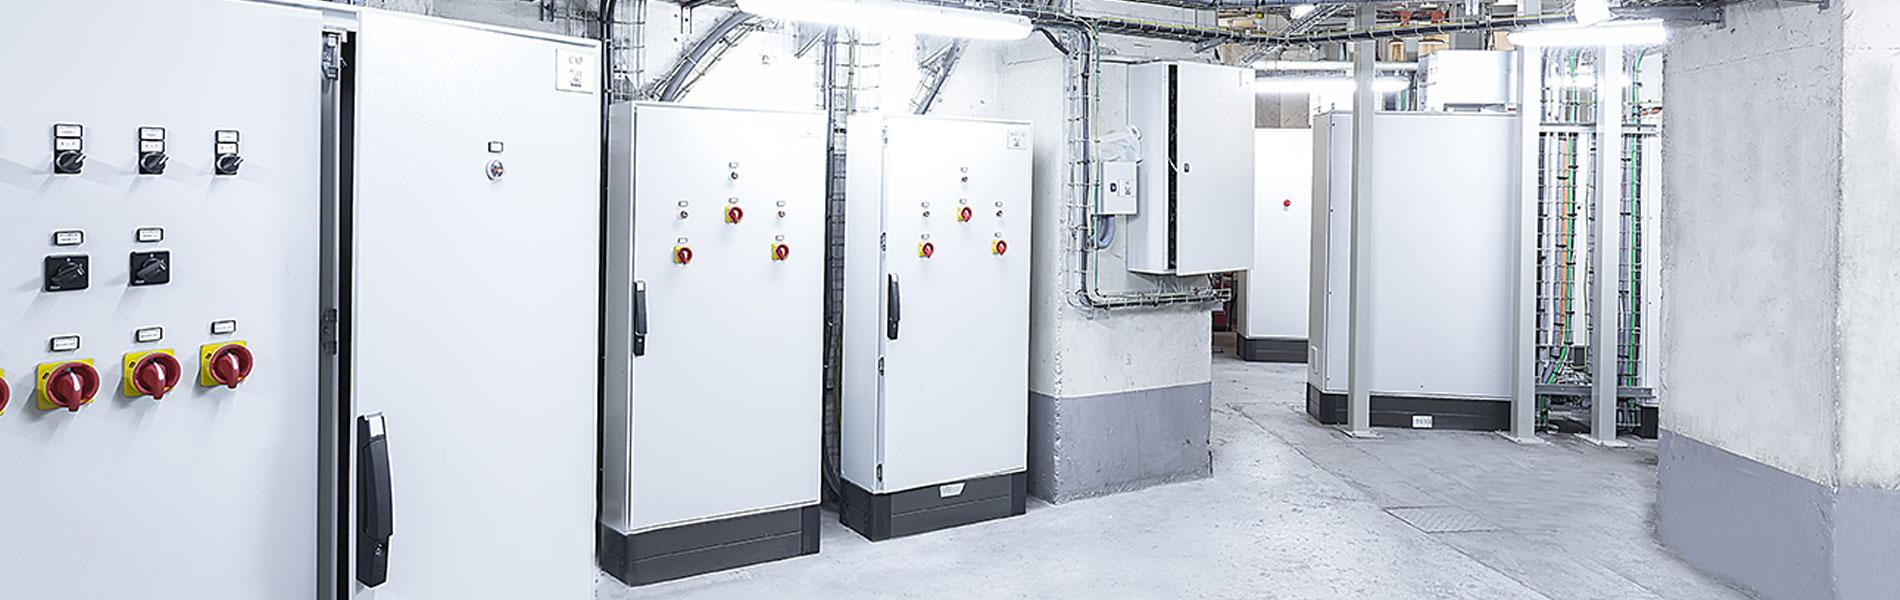 Modernización de ascensores en España